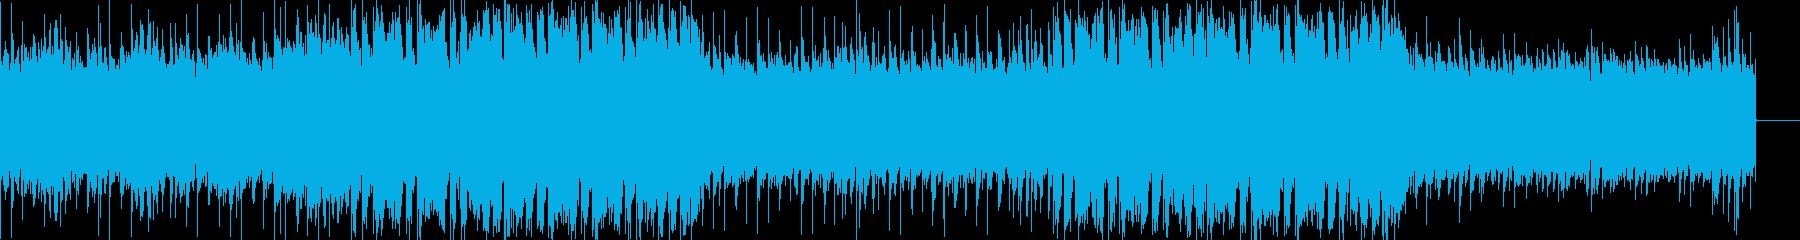 安定感のあるEDM風の再生済みの波形